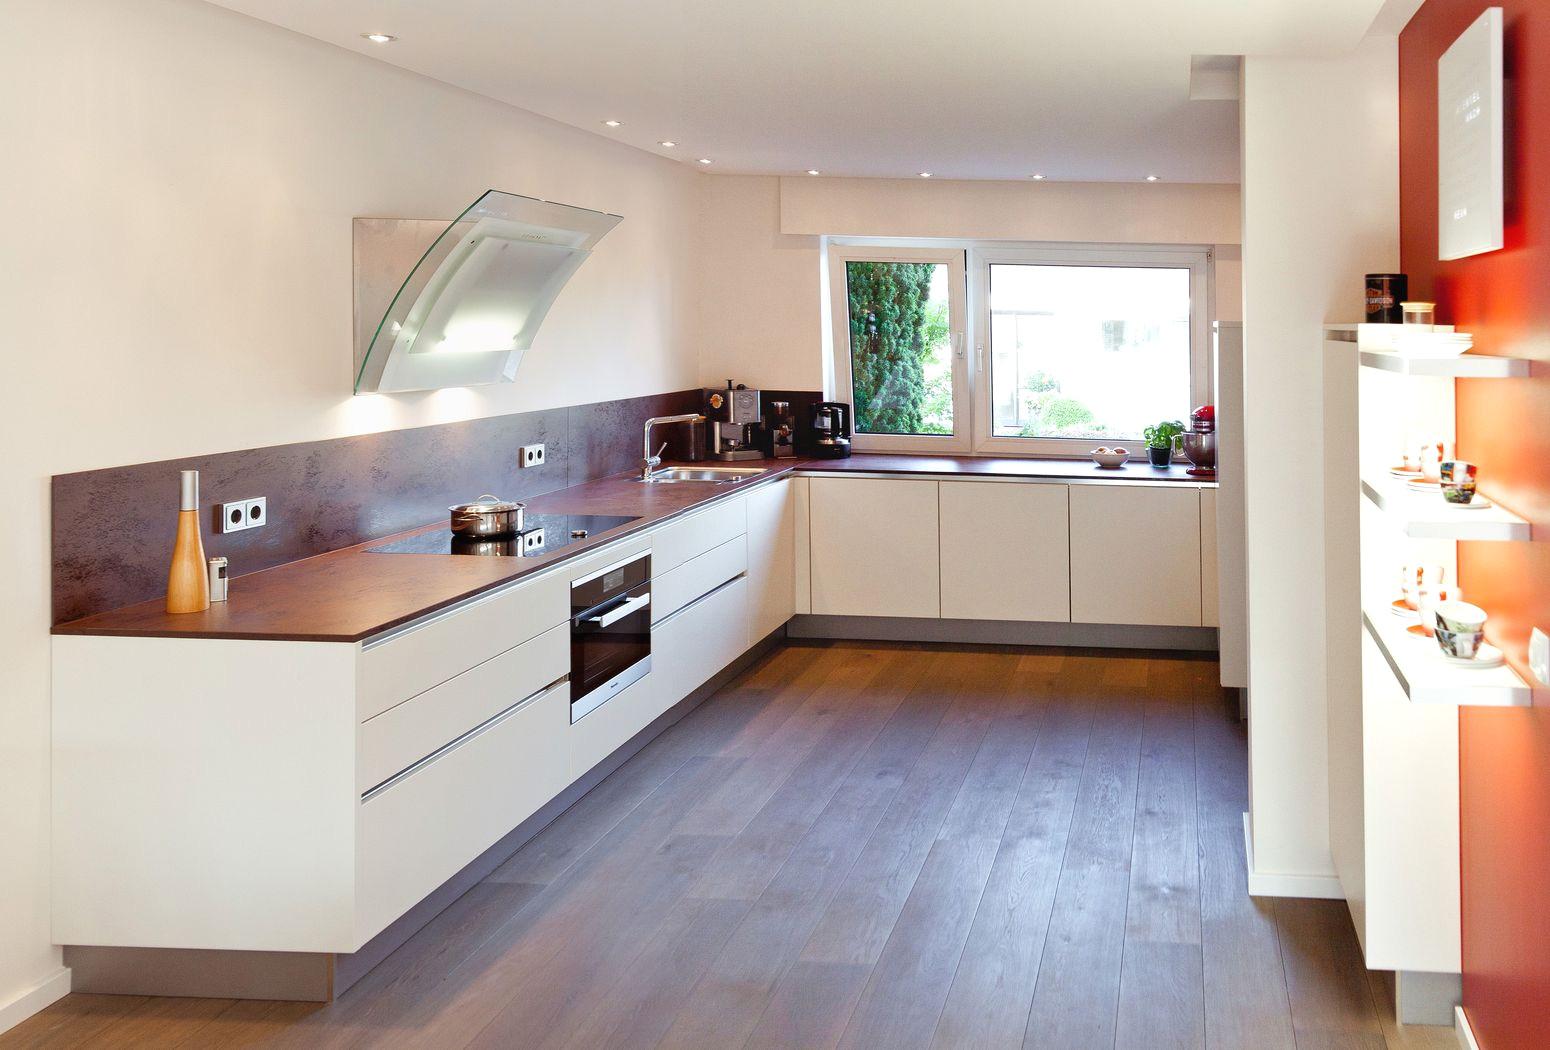 Full Size of Küchentheke Kchentheke Kaufen Barhocker Holz Preisvergleich Besten Wohnzimmer Küchentheke